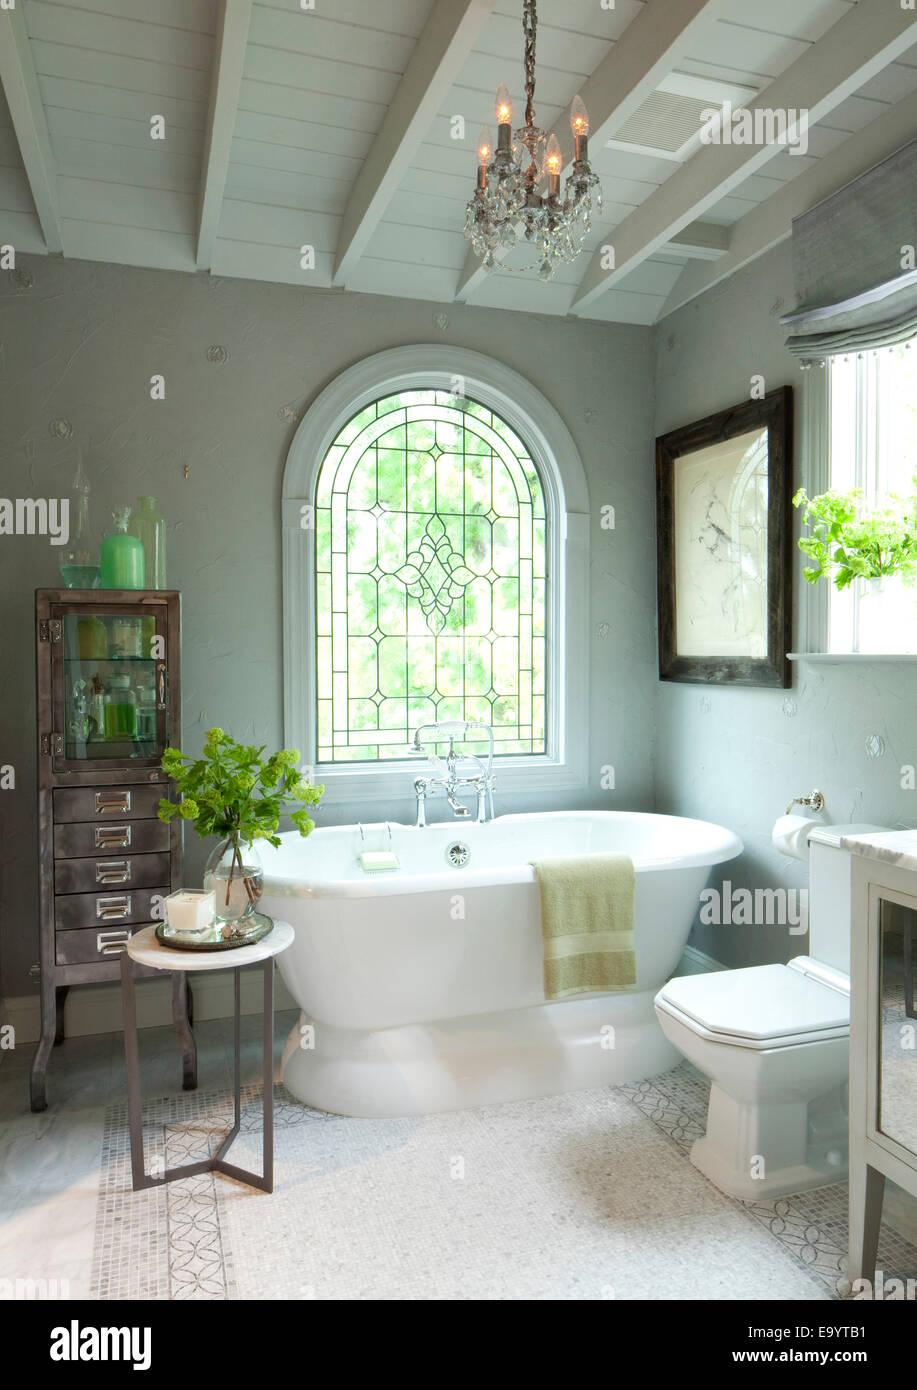 Traditionelle Badezimmer mit großen Keramik Badewanne. Stockbild